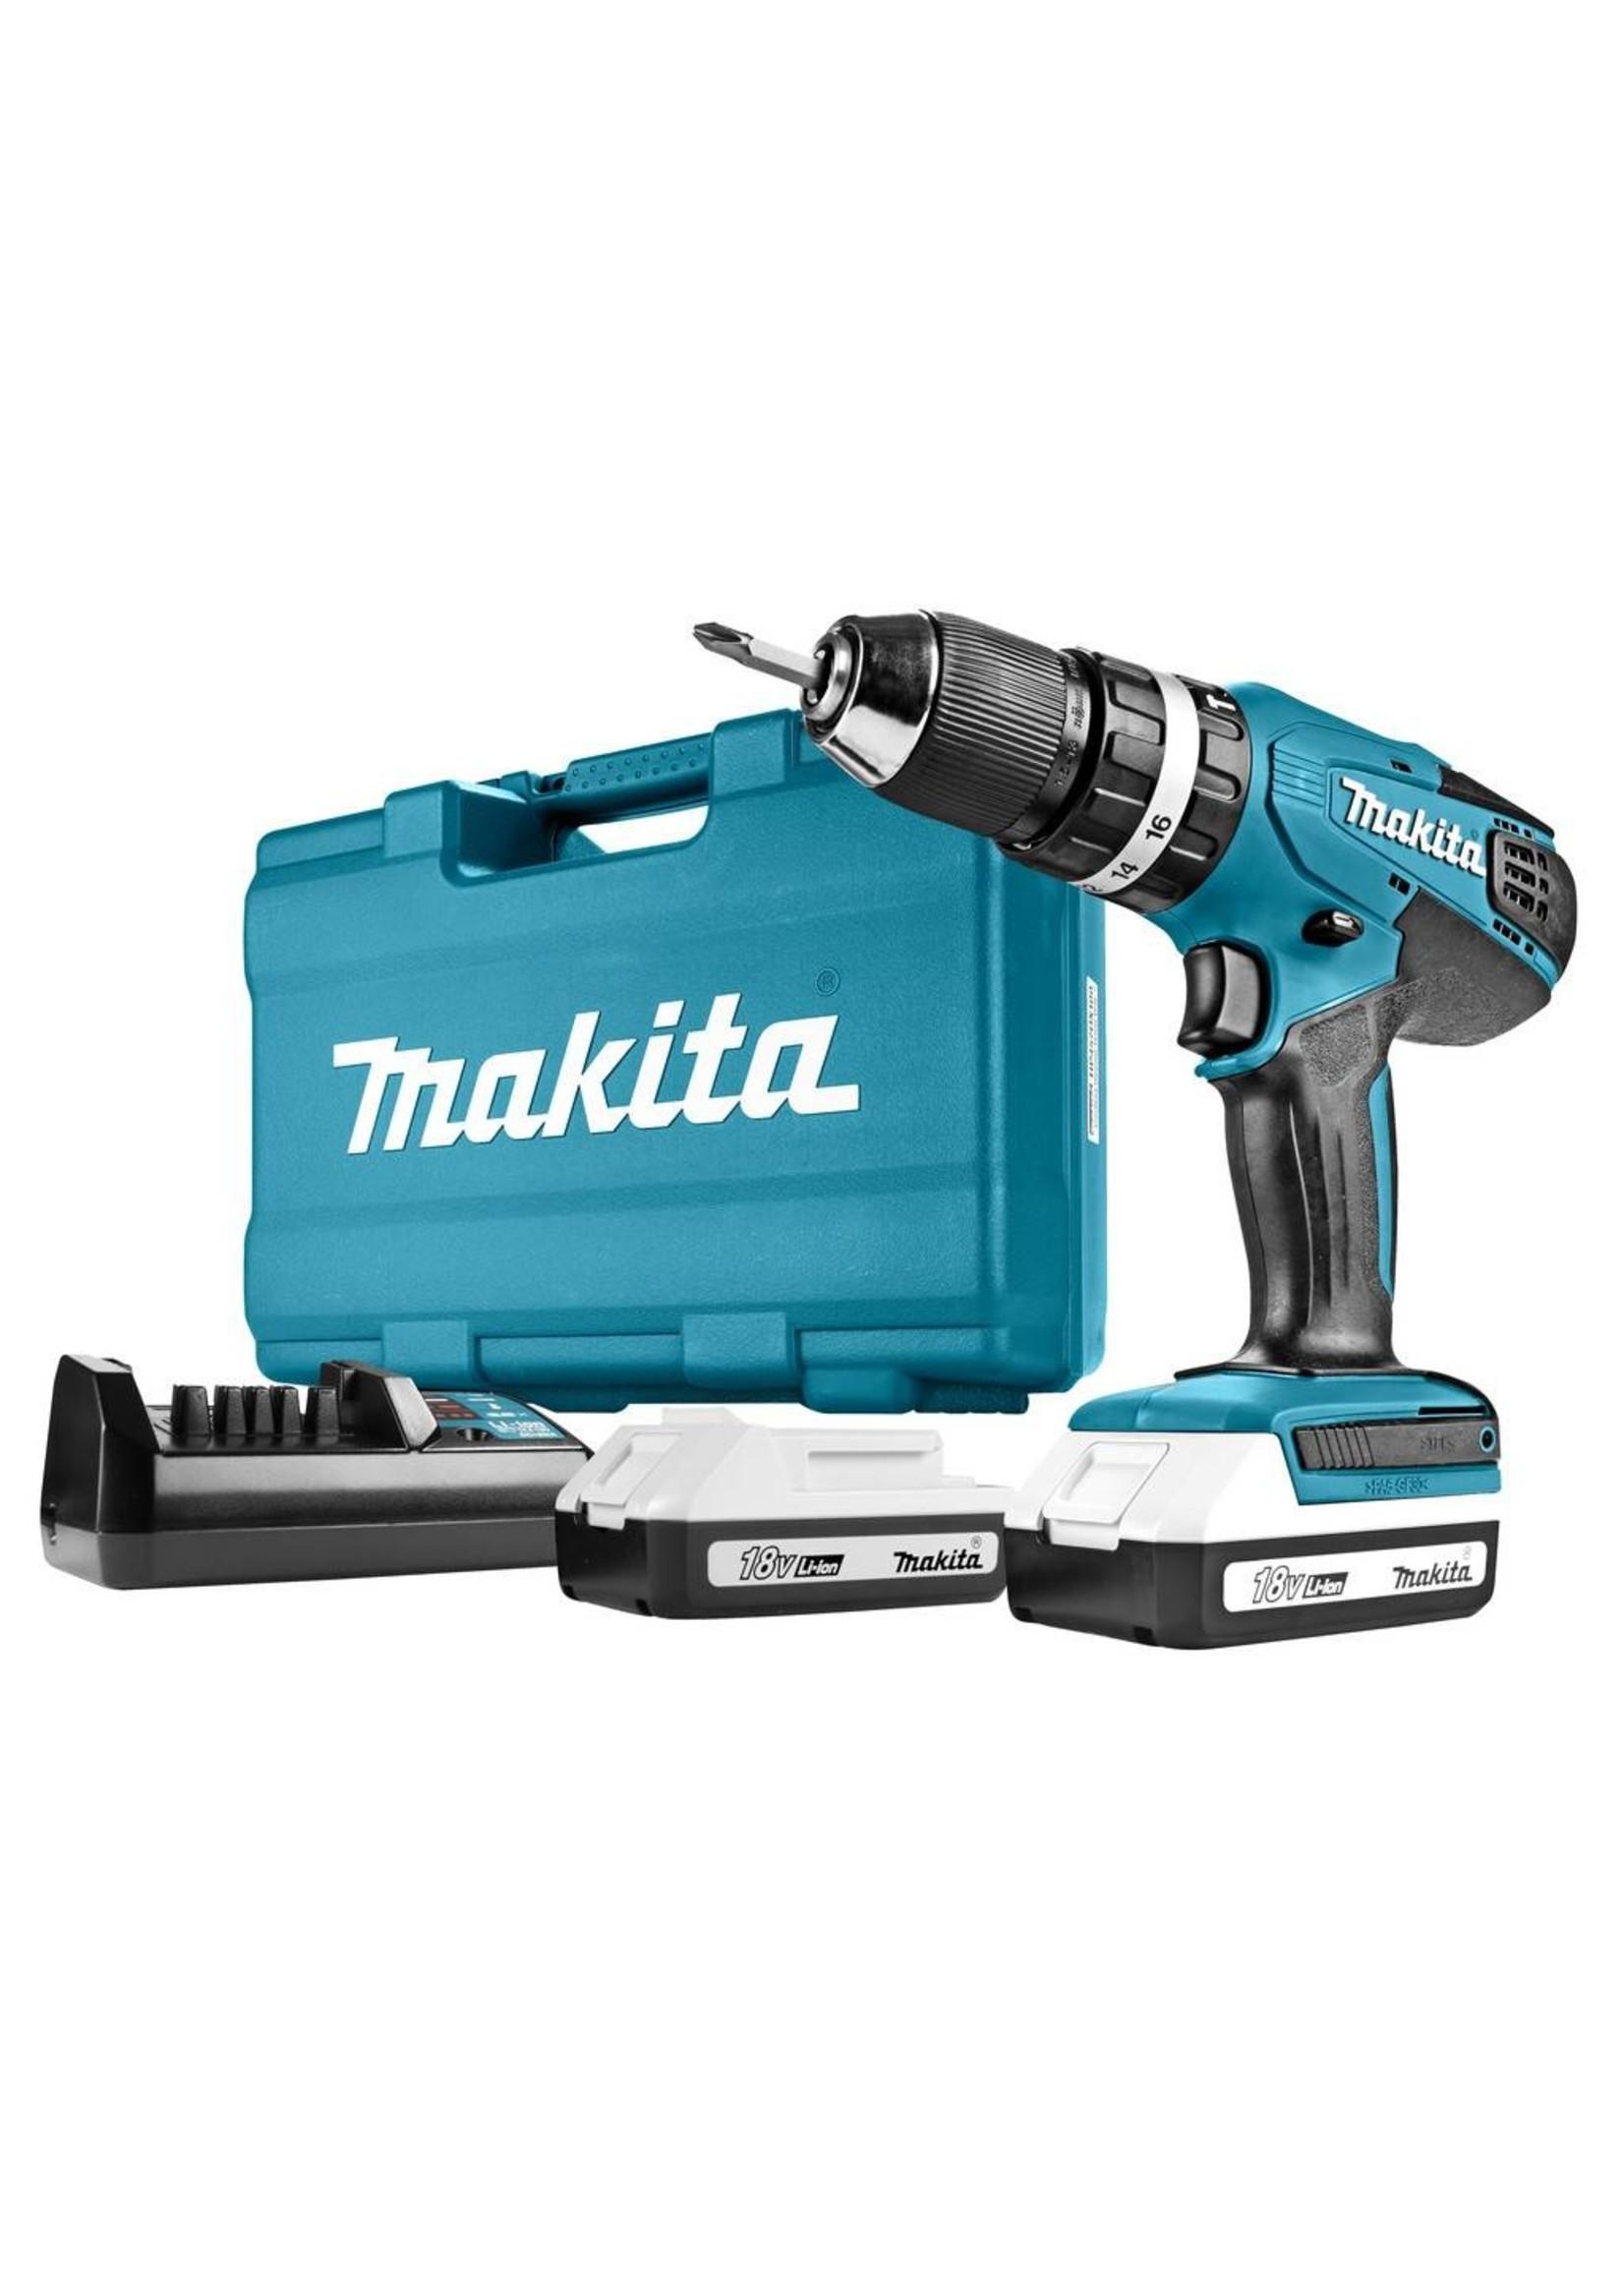 Makita Makita HP457DWE Boormachine met pistoolgreep (Li-Ion) 1.3Ah accu boor